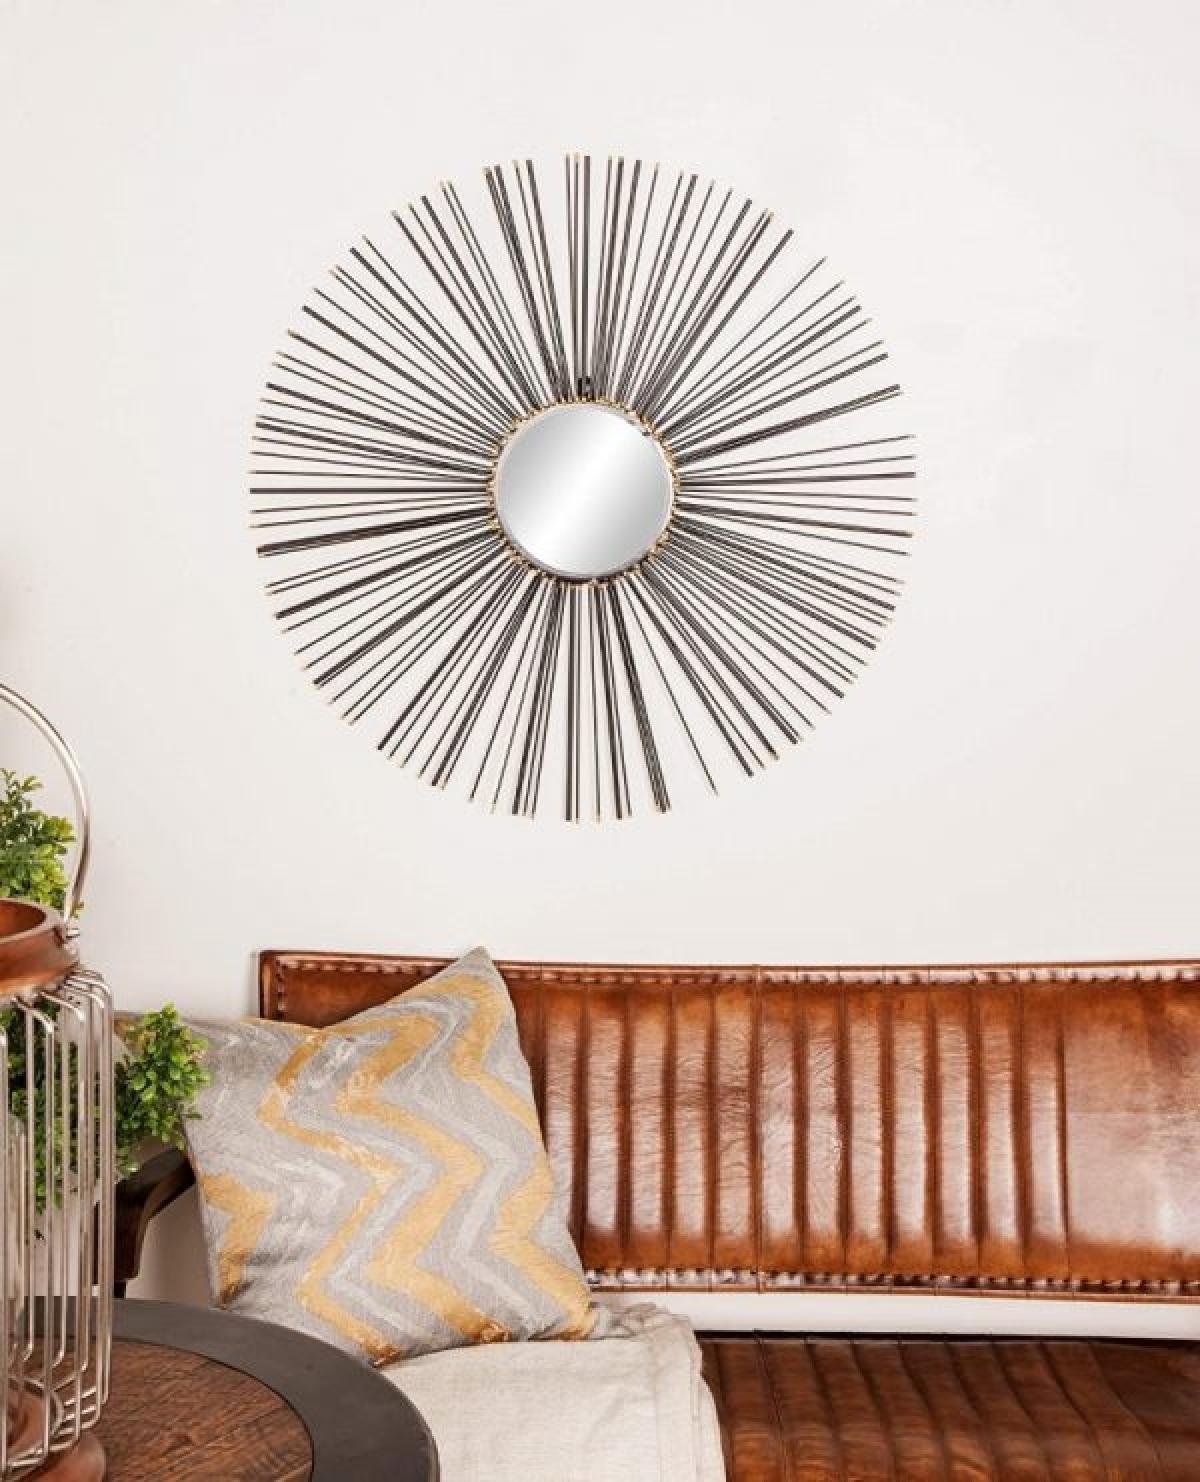 Gương là một món đồ nội thất không thể thiếu trong mỗi căn nhà. Ngoài công dụng, nó còn được coi là món nội thất trang trí tinh tế, thể hiện gu và sở thích của chủ nhân. Gương lấy cảm hứng từ những tia nắng mặt trời lấp lánh, chế tác bằng kim loại thực sự trở thành tác phẩm nghệ thuật trong căn nhà.